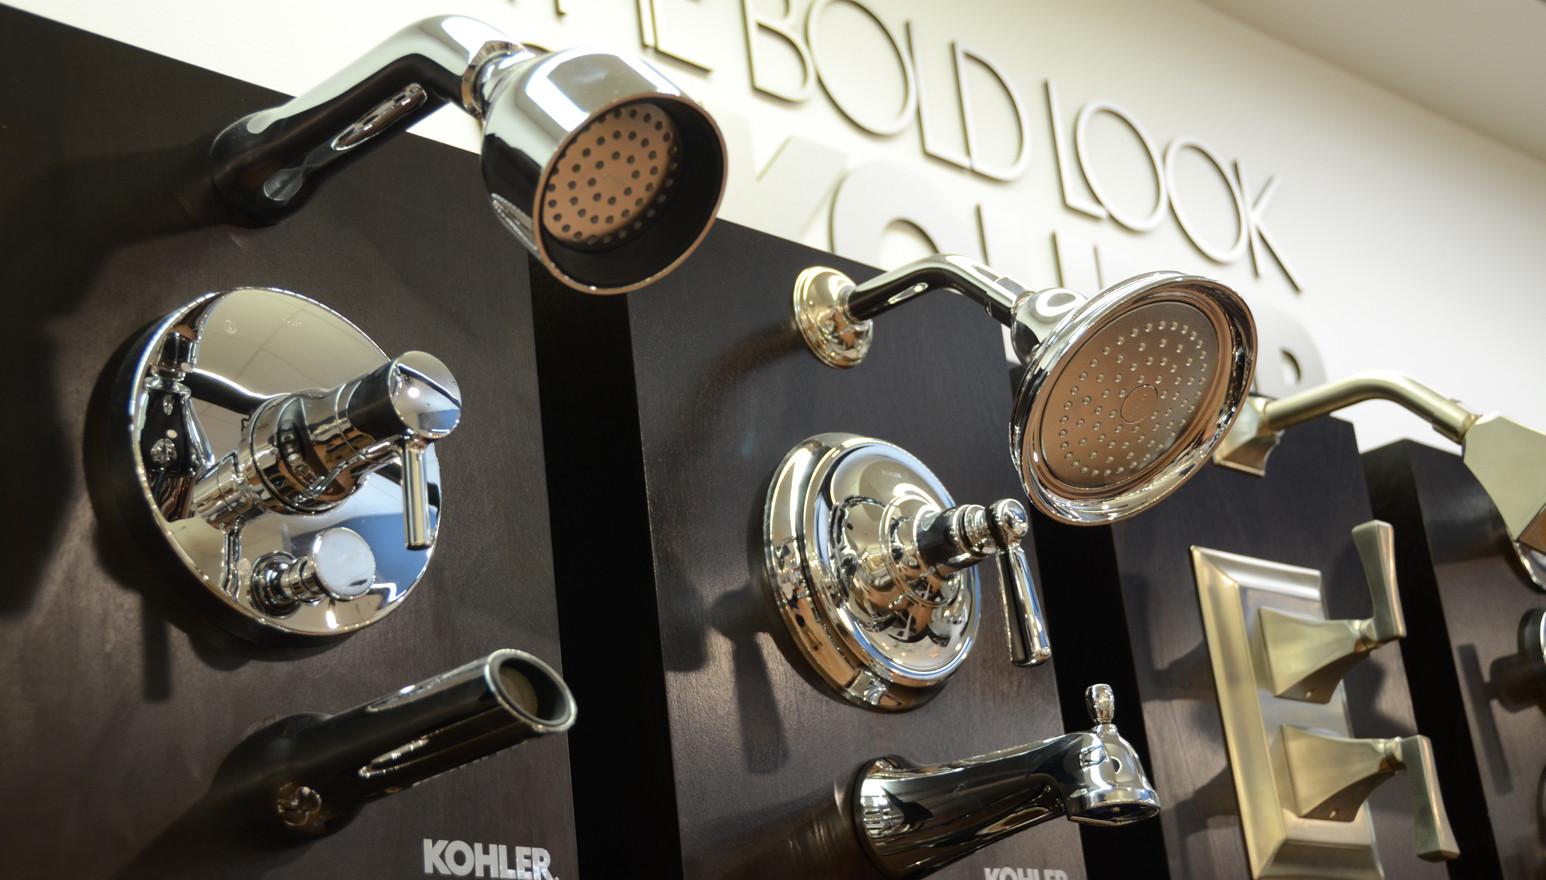 Kohler Shower Options